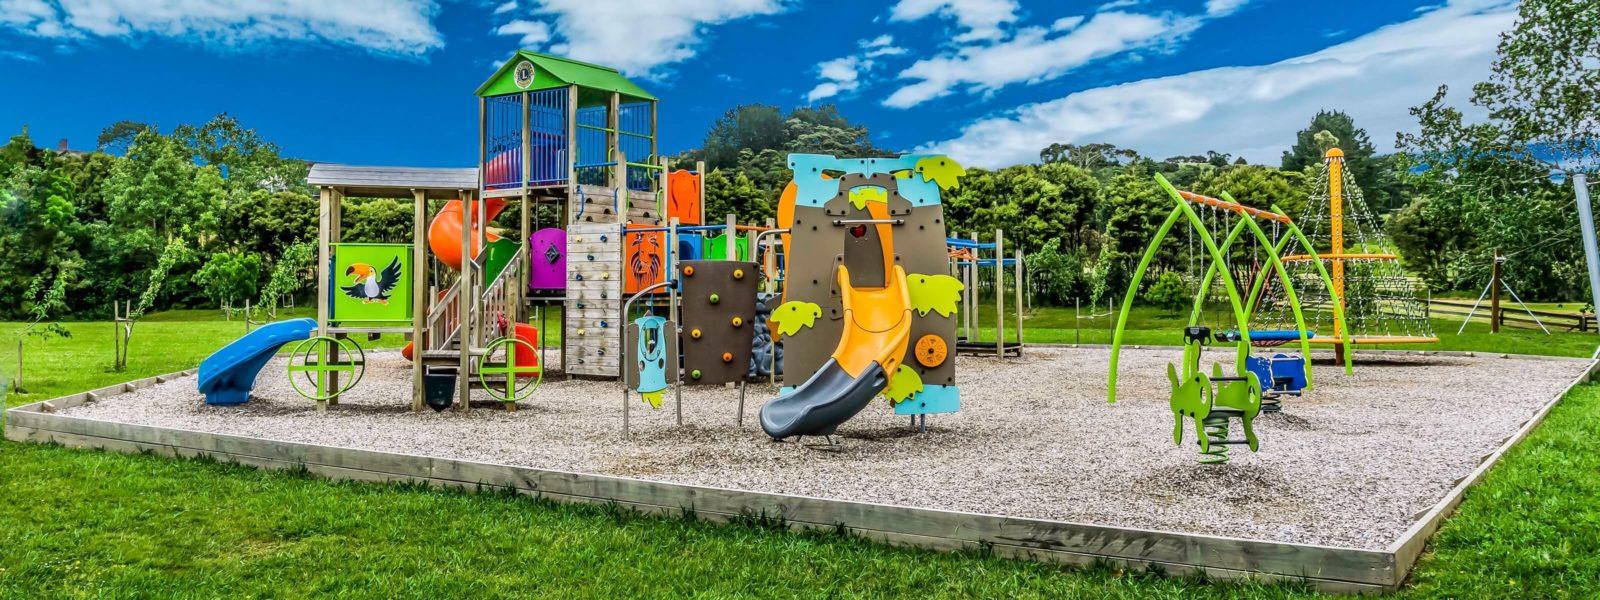 Waimauku Lions Playco Playground